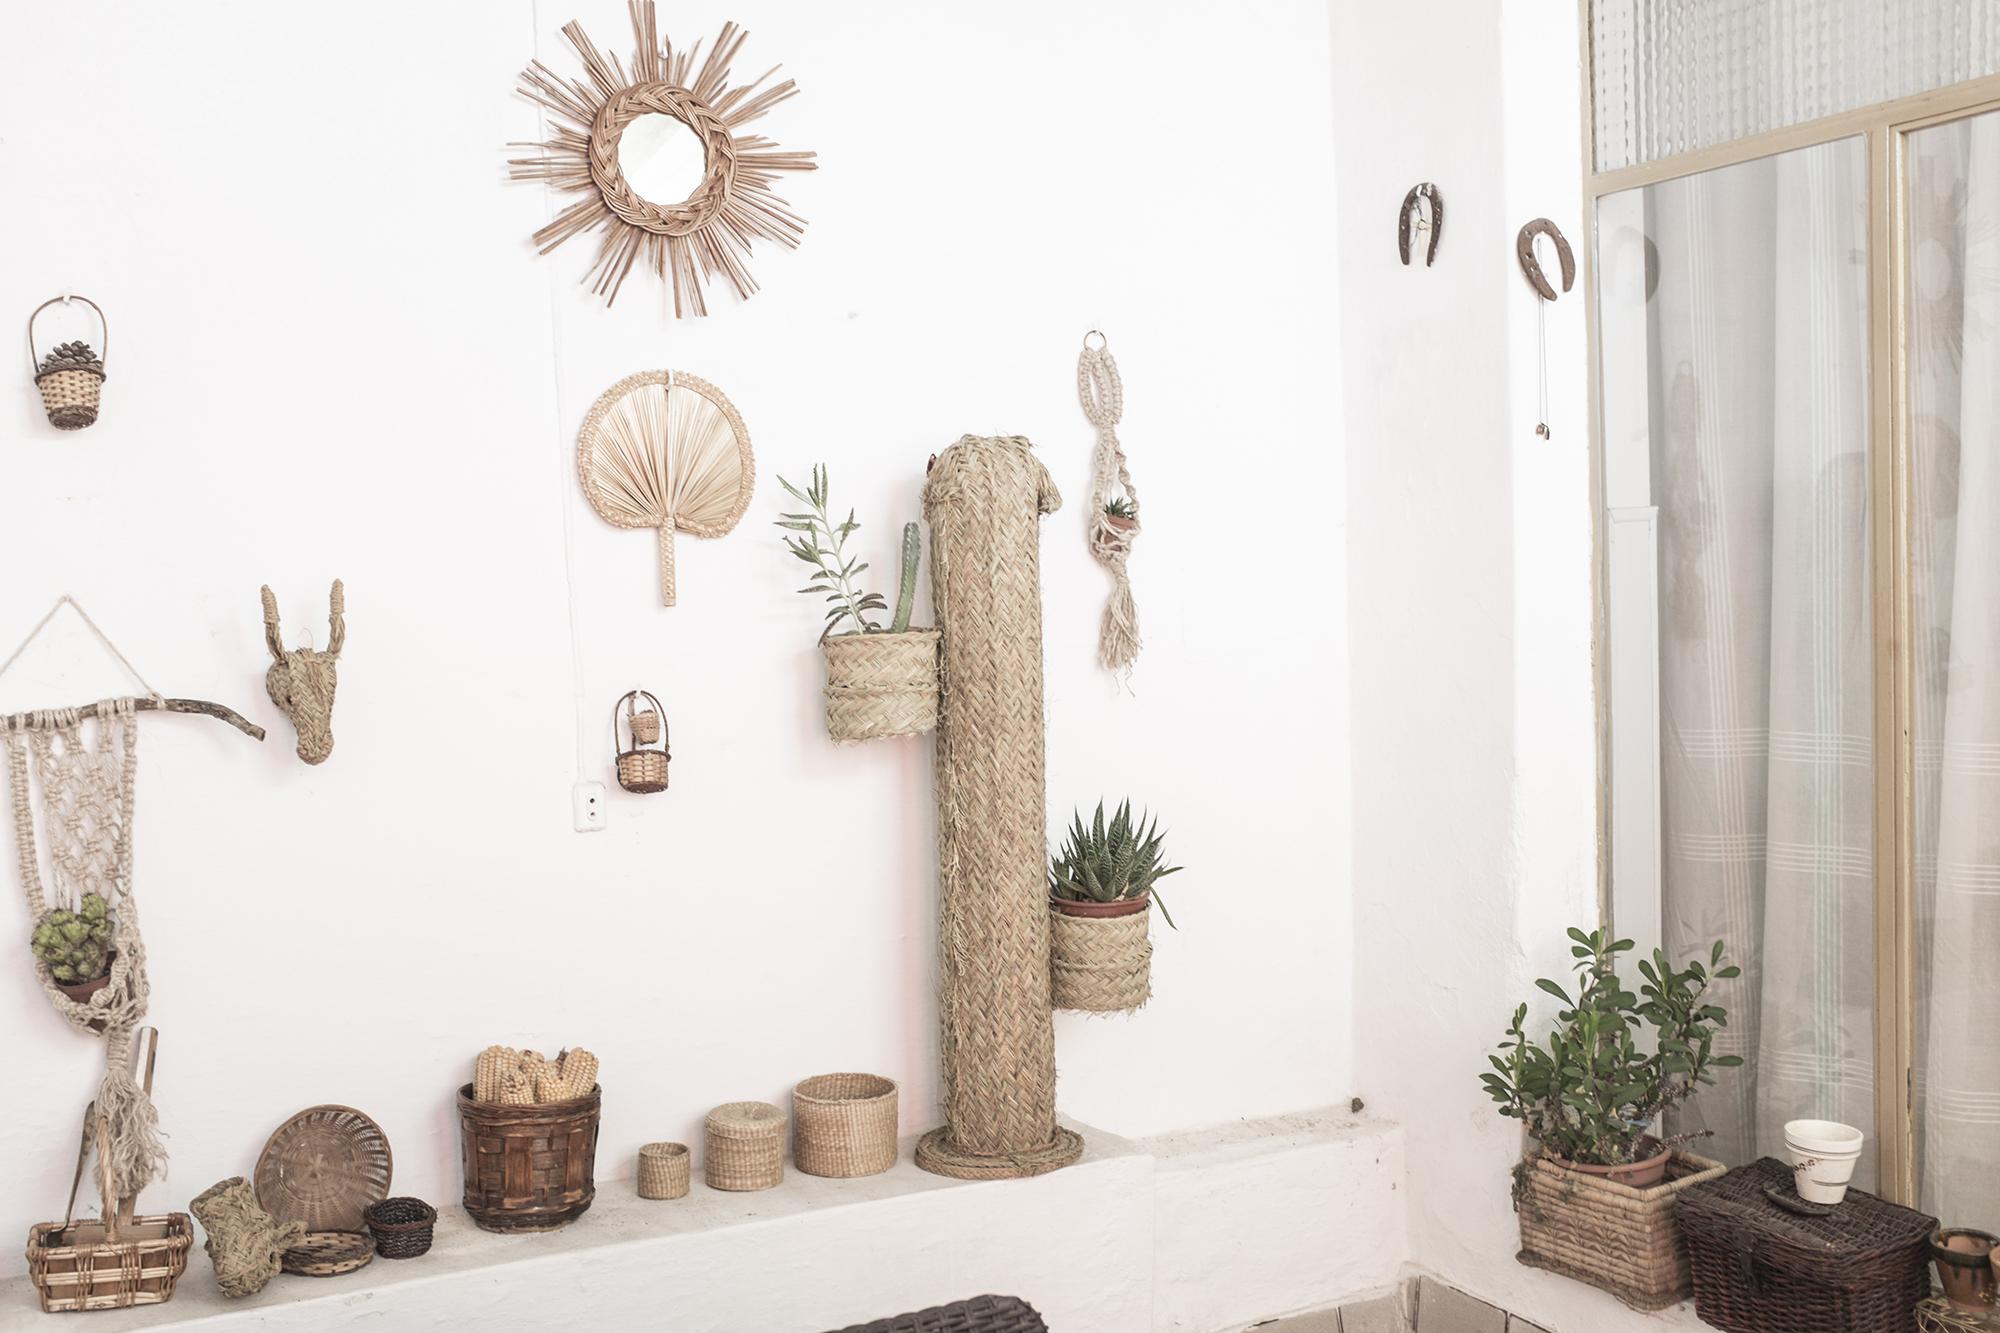 decoracion fibra natural cestería mimbre palma cactus espejo cabezas de burrito pipolart artesania española cactus macetero lampara pintada pipol art hecho a mano inspiracion rustica